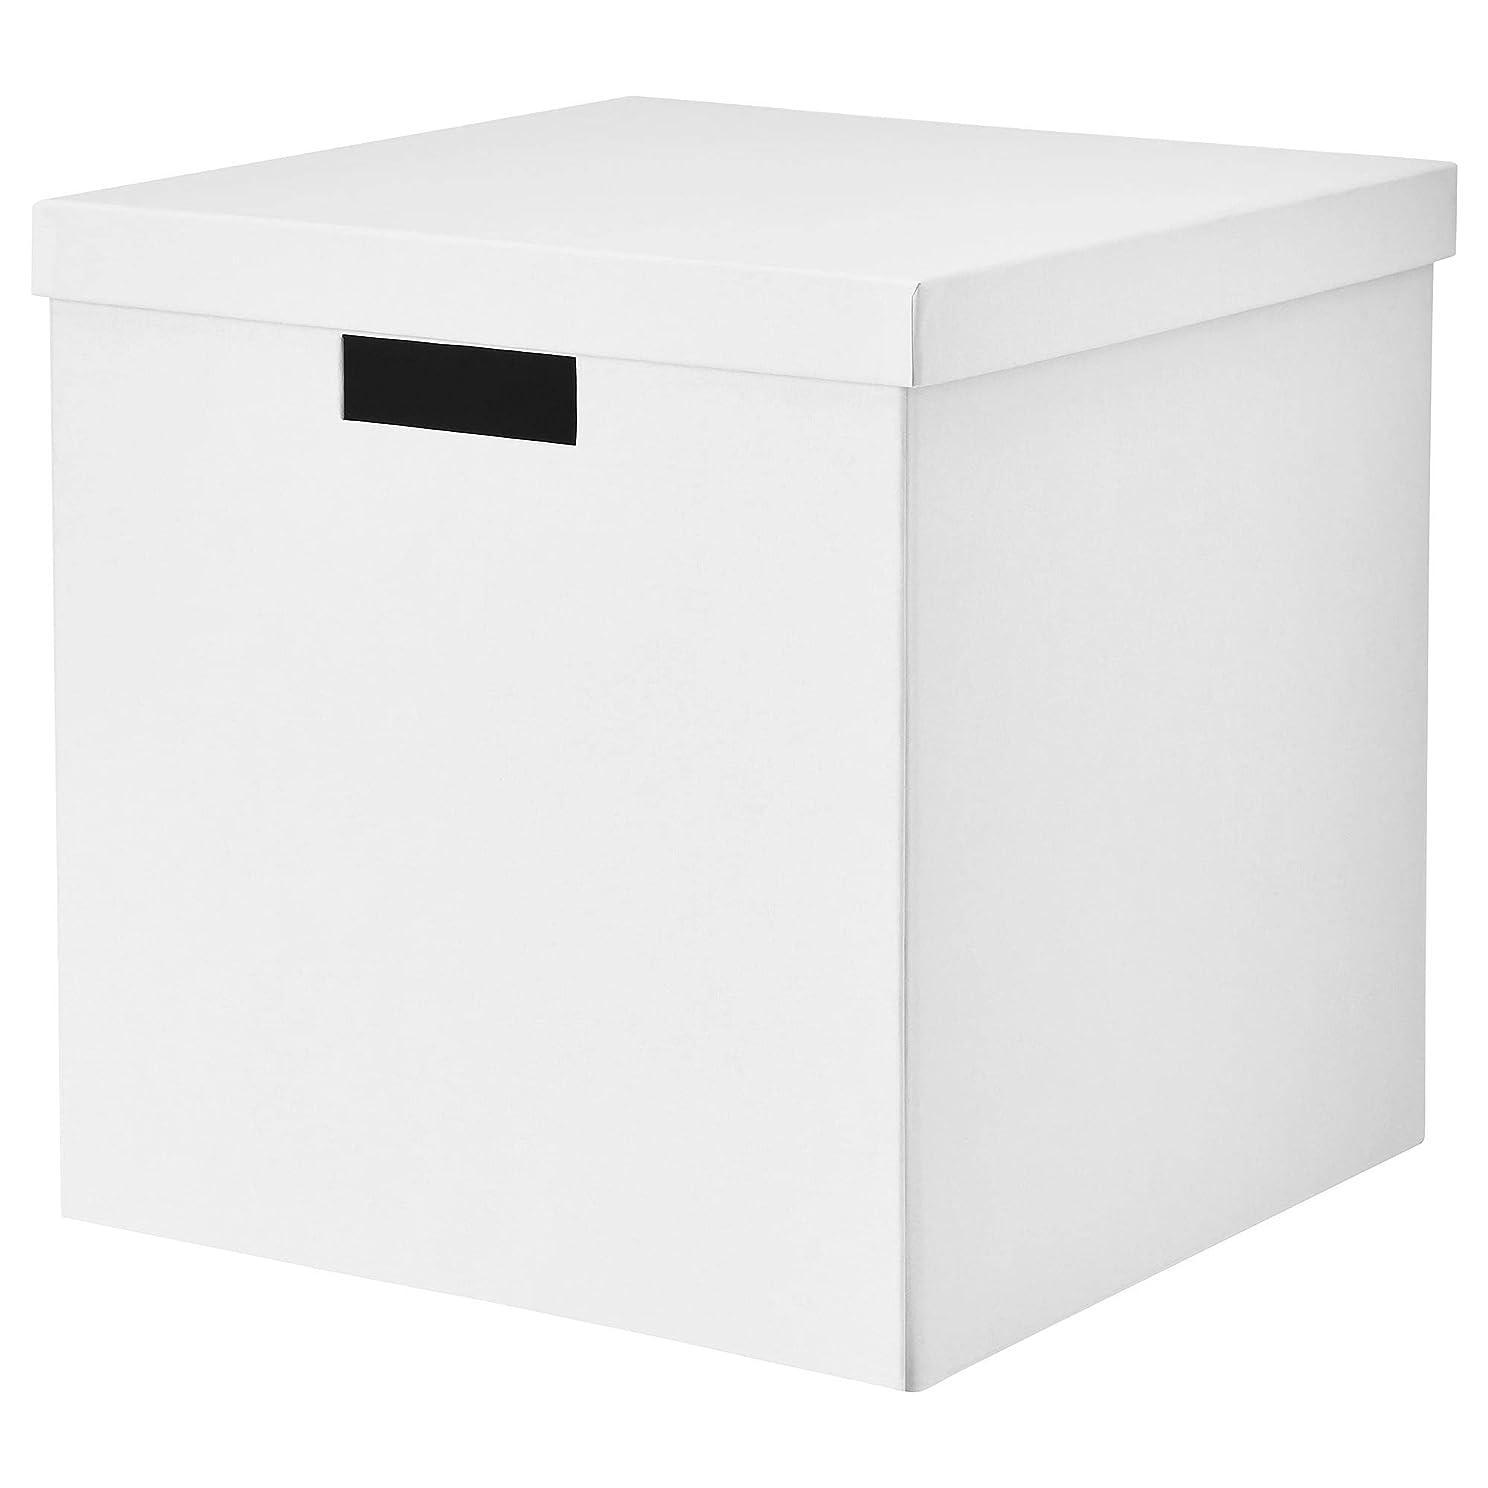 治世マニアック今までIKEA/イケア TJENA:収納ボックス ふた付き30x30x30 cm(ホワイト)00395426